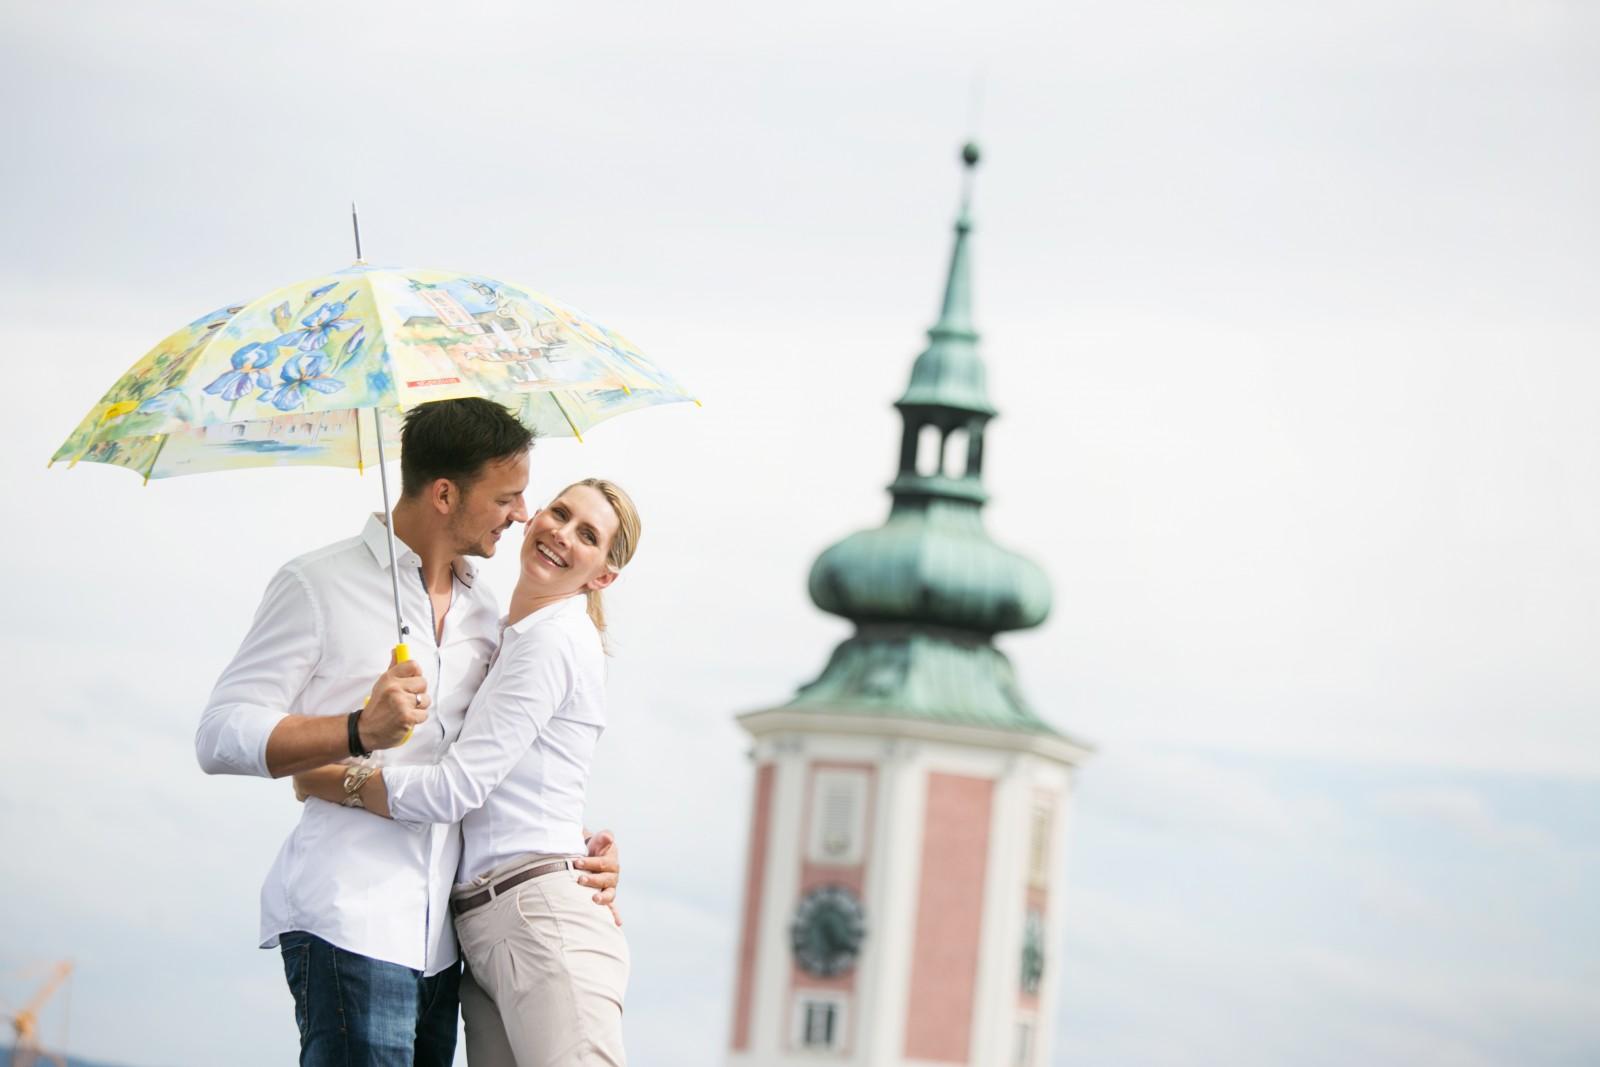 Foto: www.schwarz-koenig.at